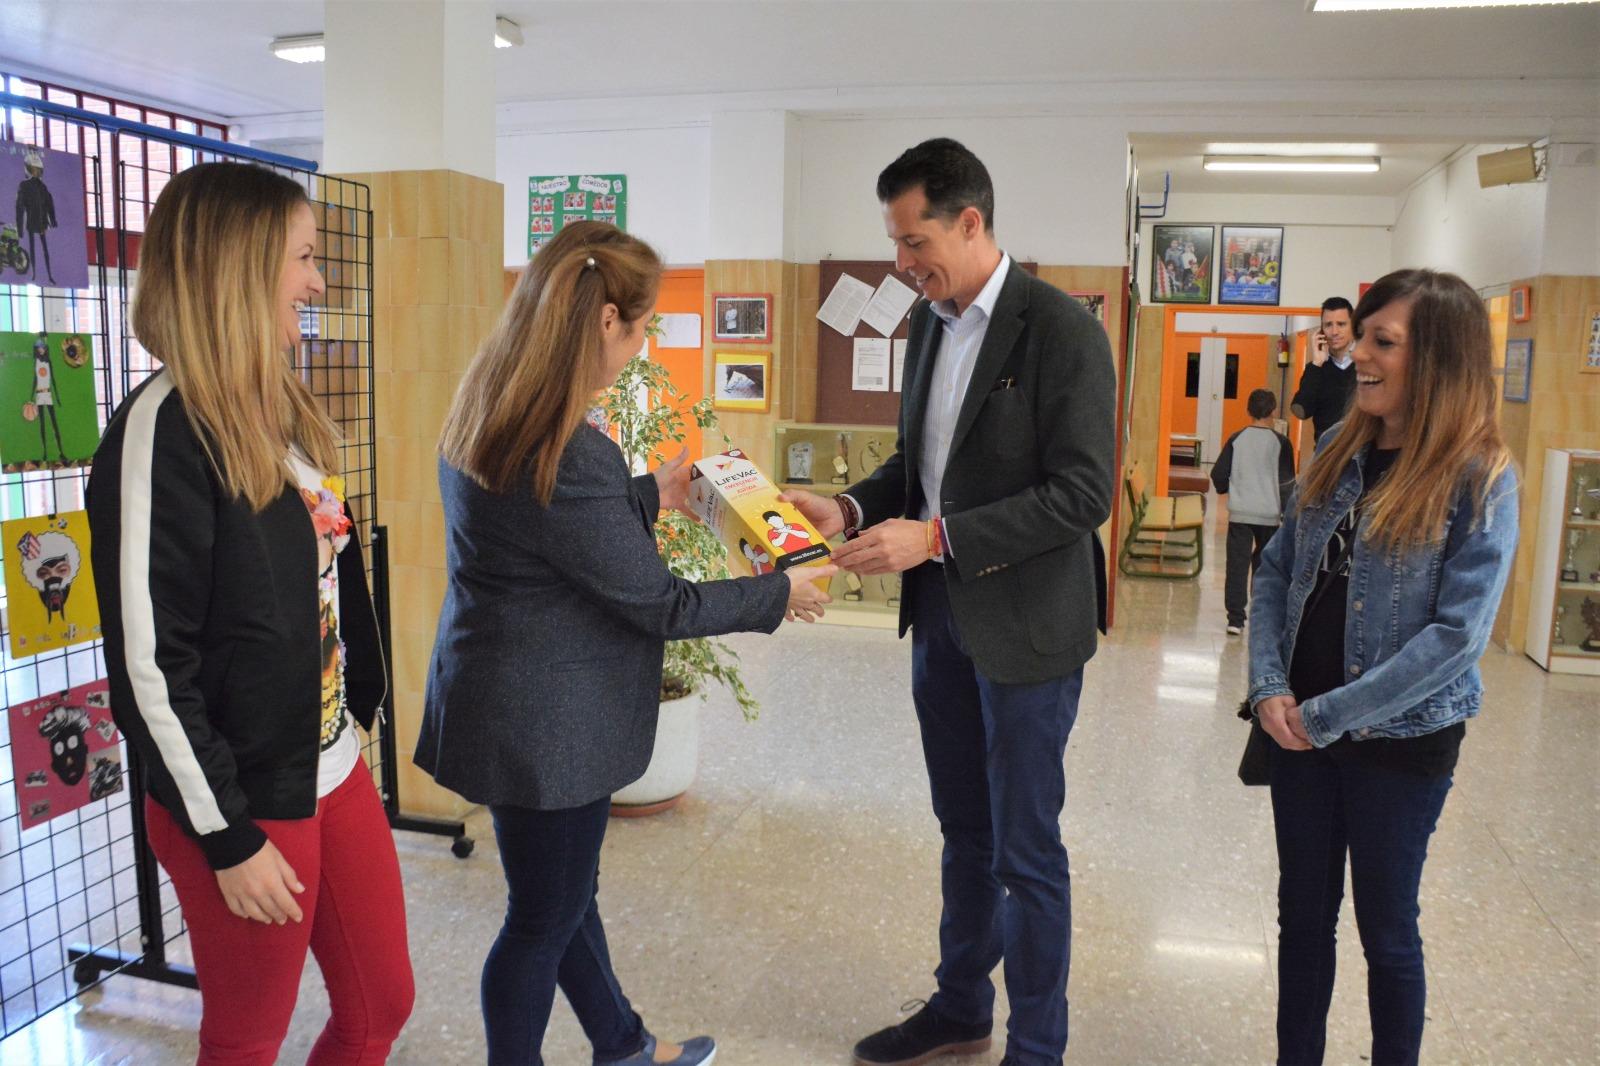 El Ayuntamiento de Elda comienza a distribuir el dispositivo anti atragantamiento por los colegios e institutos de la ciudad